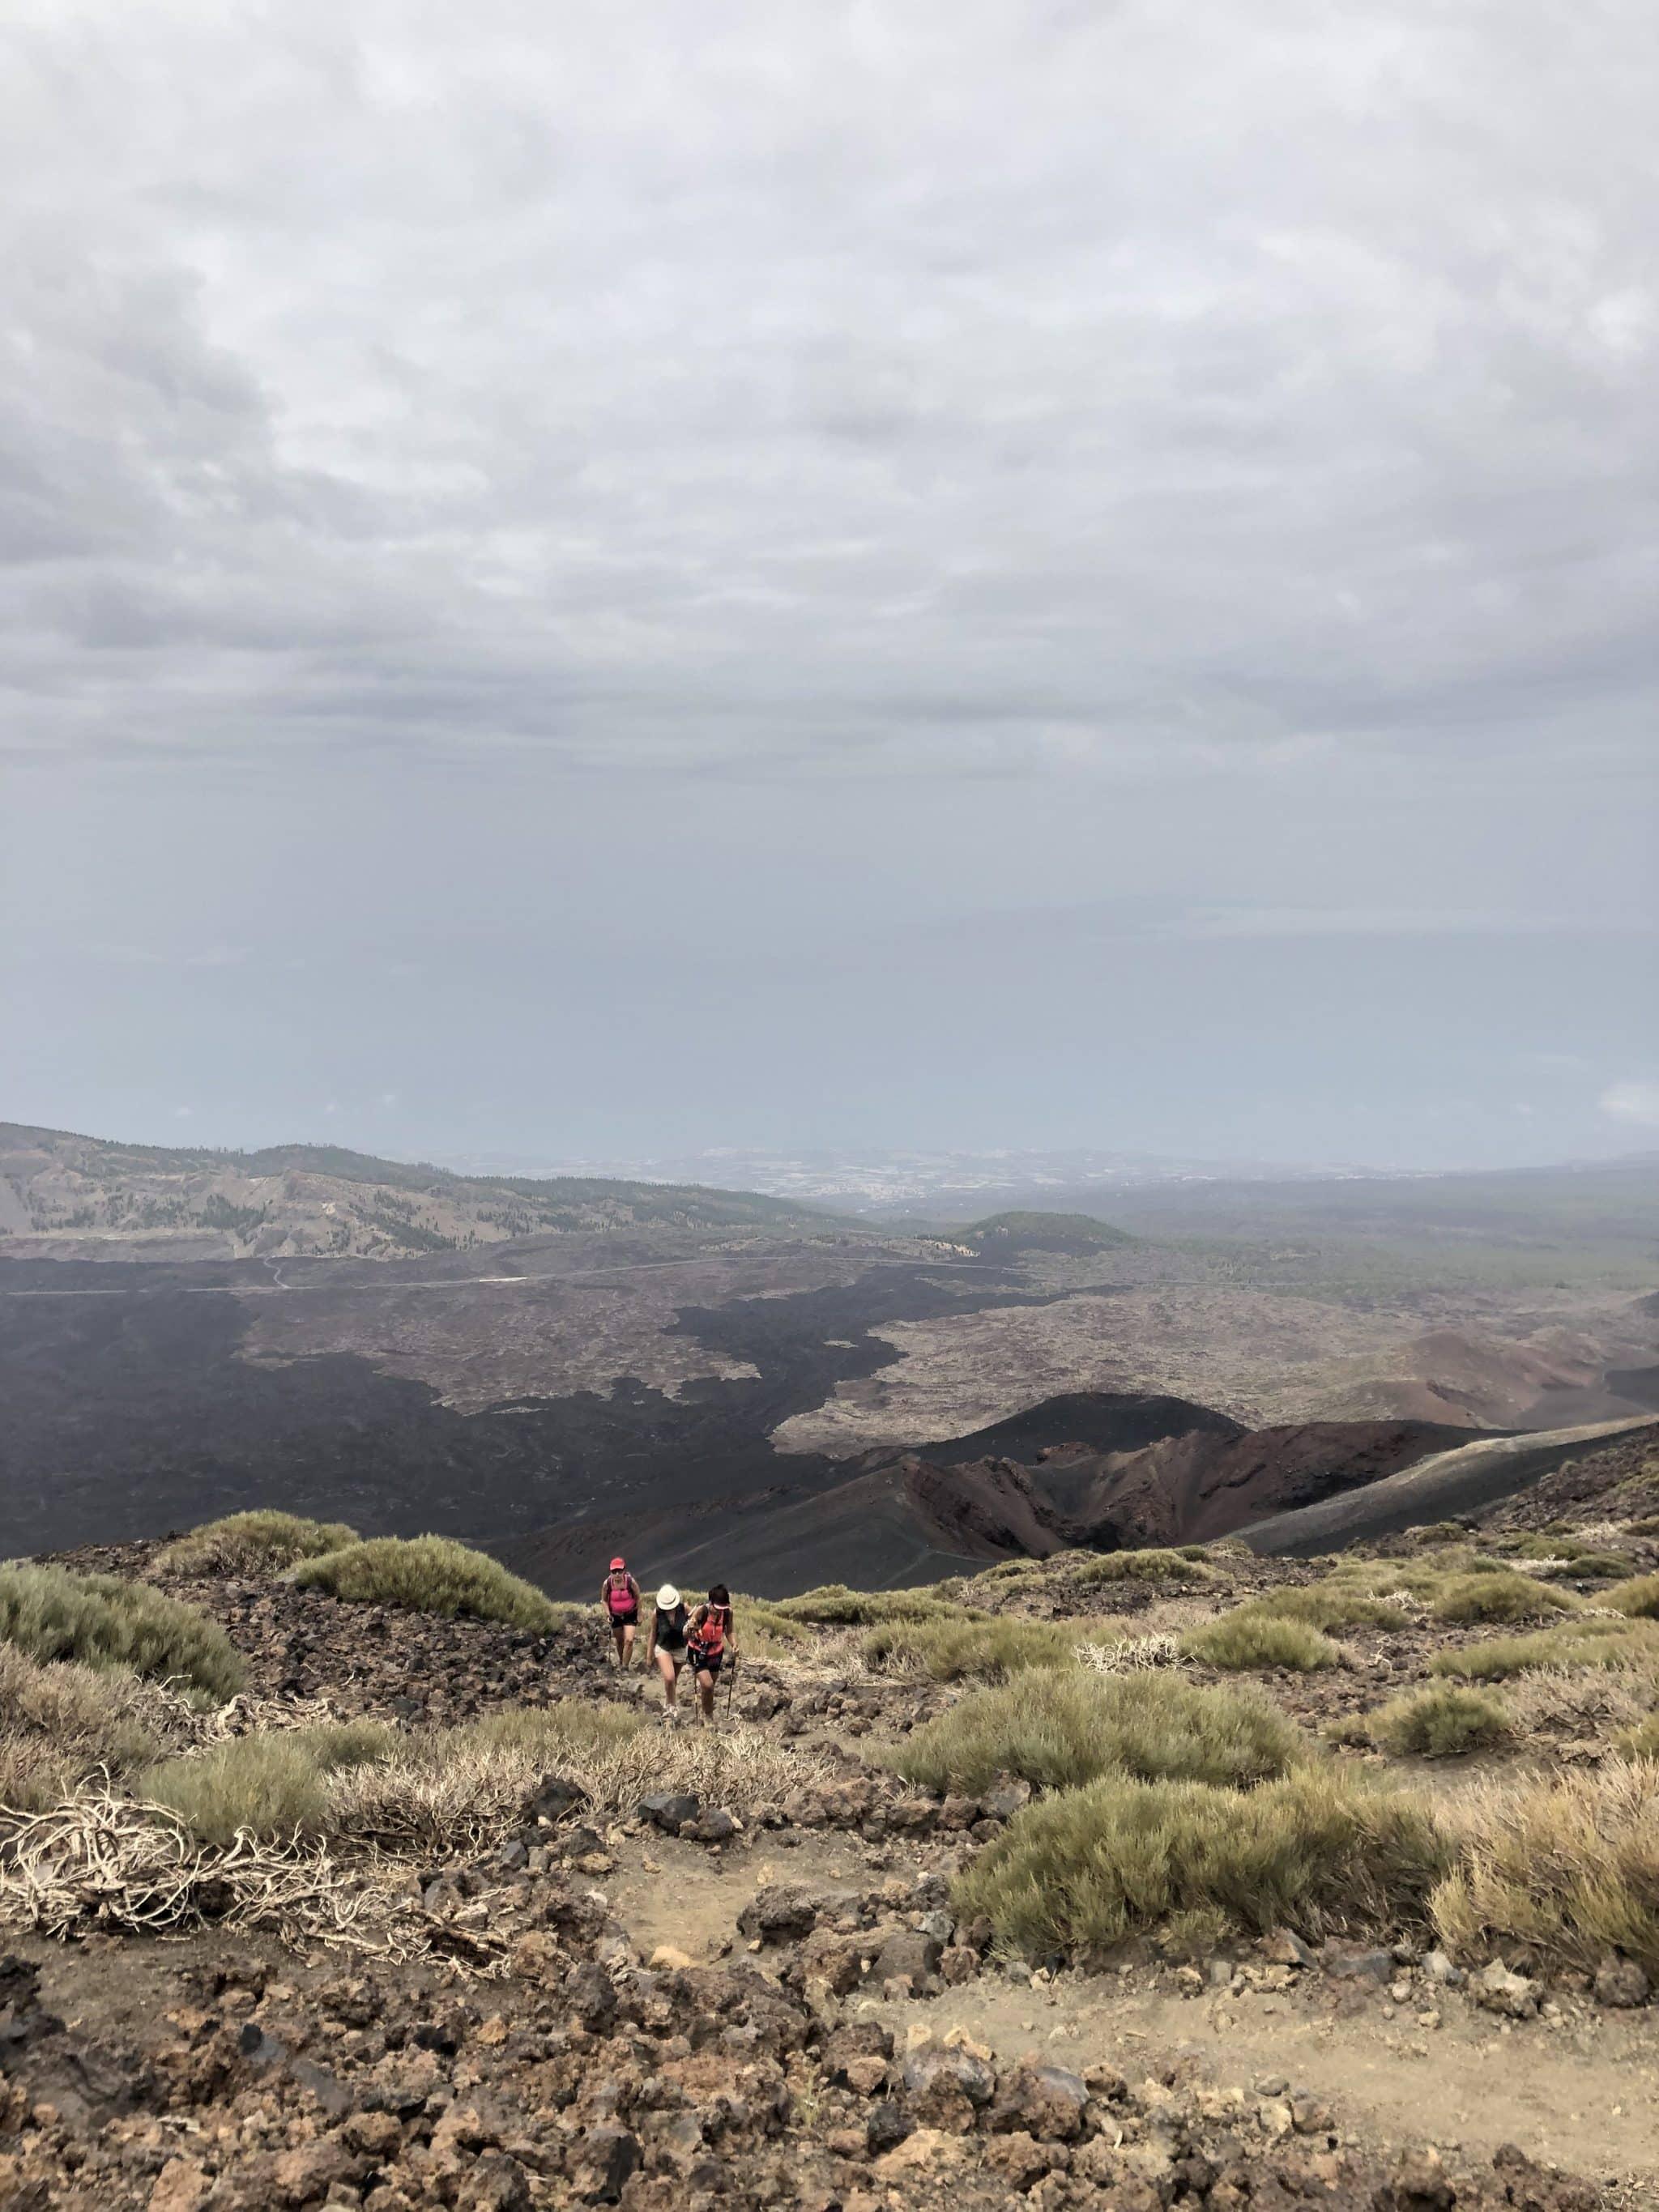 Randonnée parc national du teide